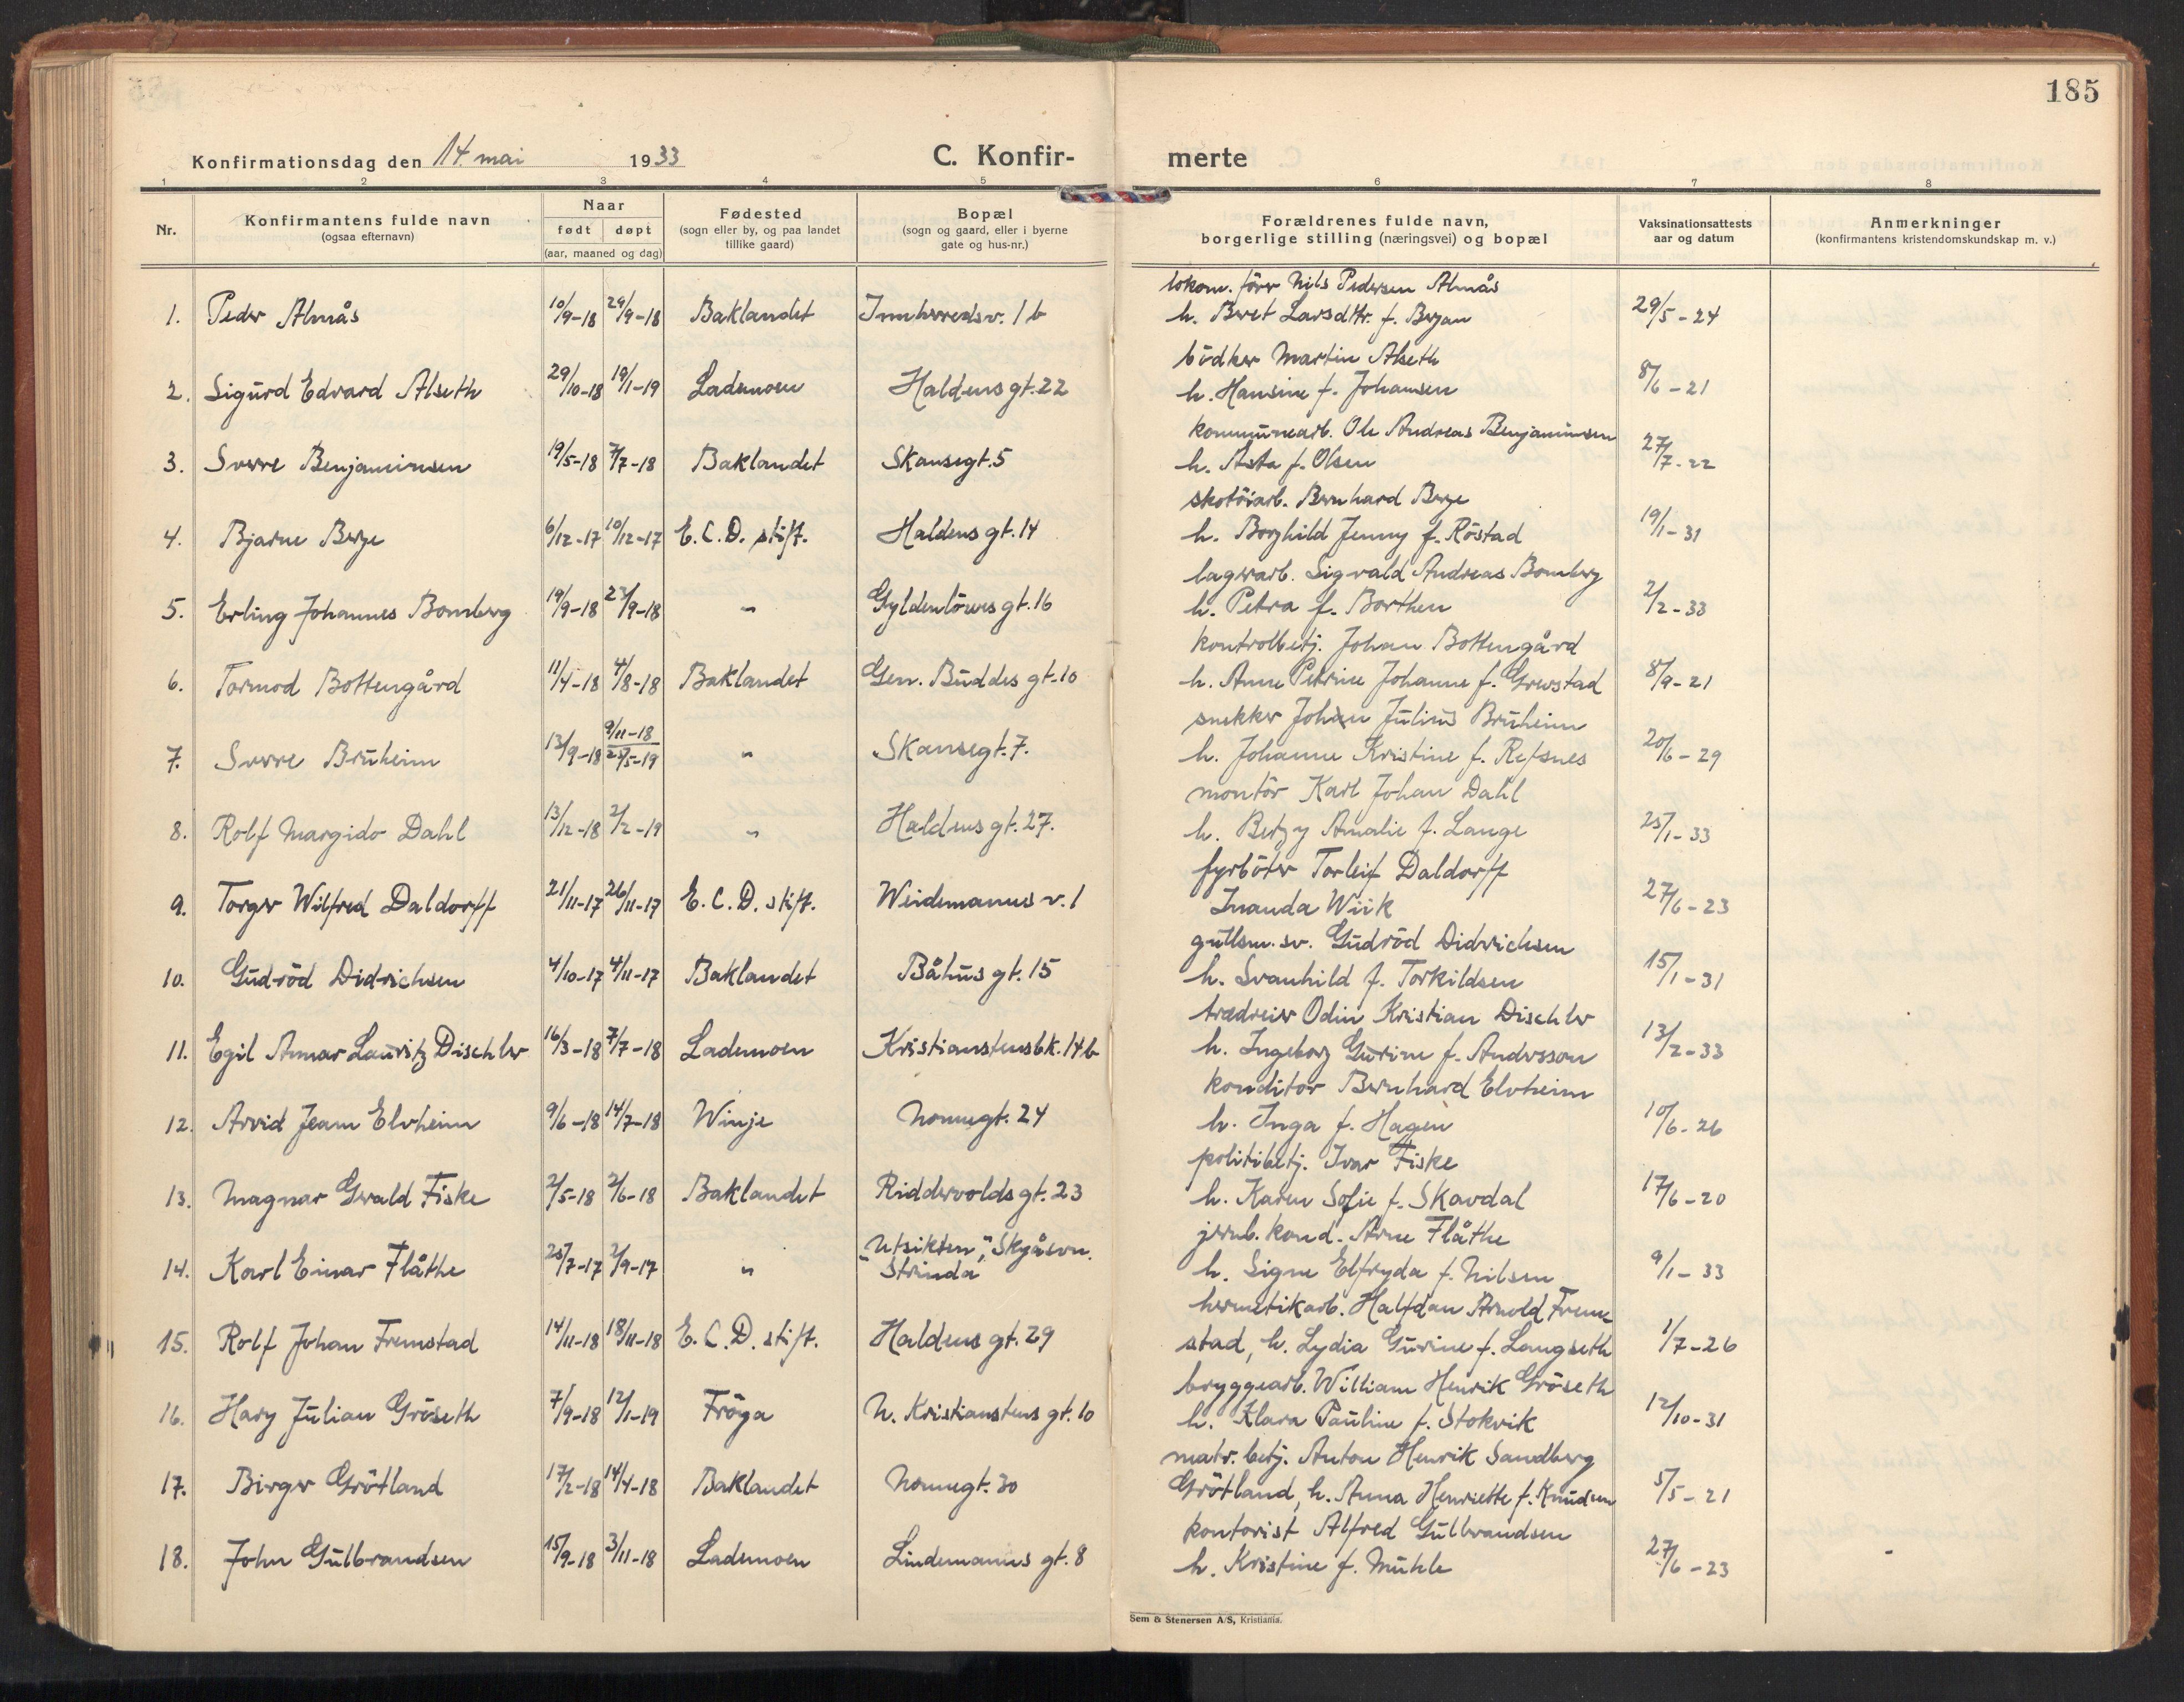 SAT, Ministerialprotokoller, klokkerbøker og fødselsregistre - Sør-Trøndelag, 604/L0208: Ministerialbok nr. 604A28, 1923-1937, s. 185